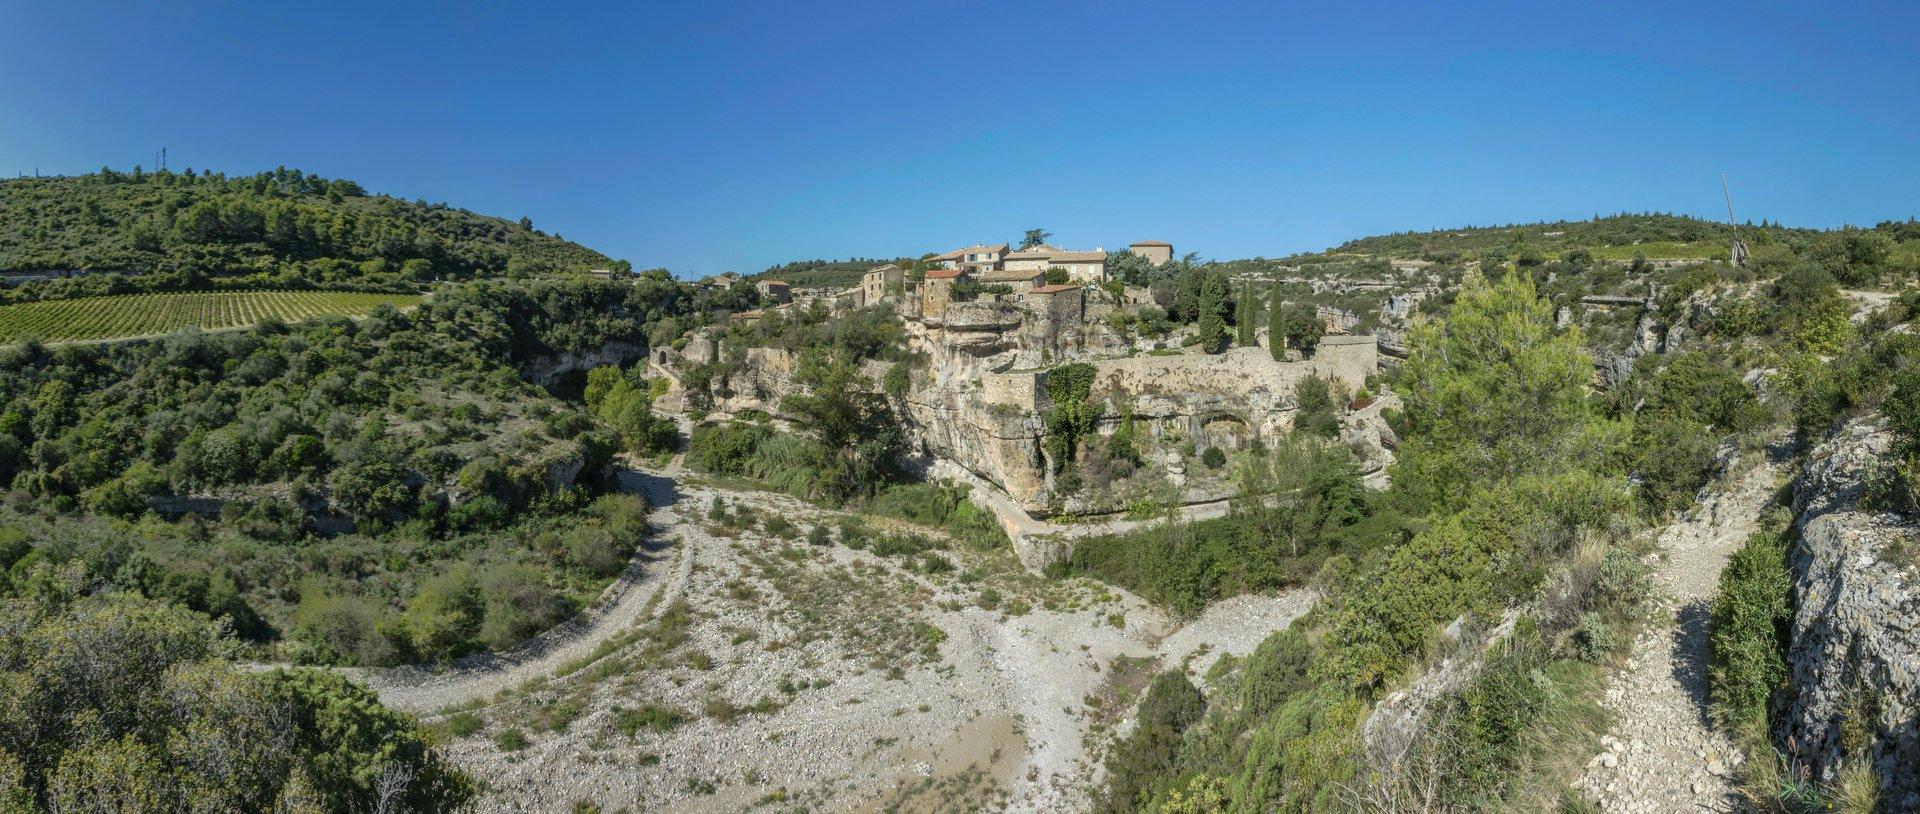 Panorama von Süden auf Minerve